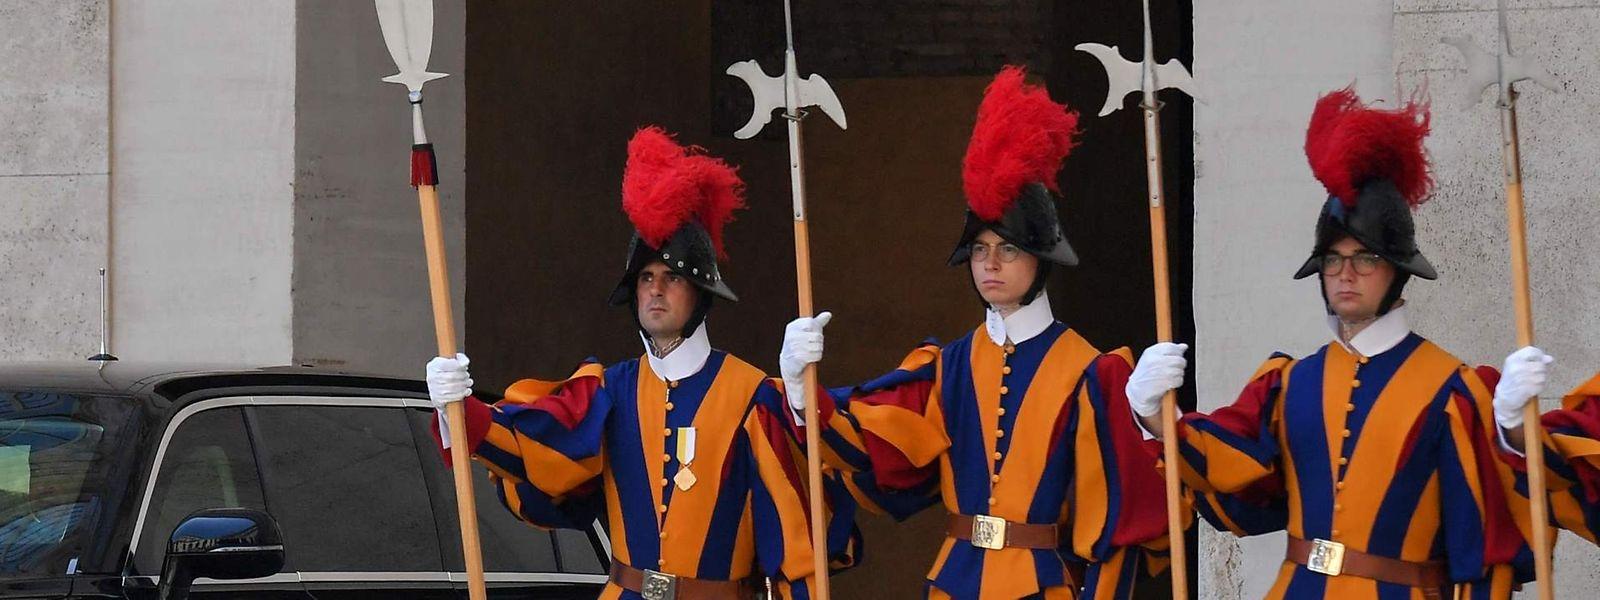 Wegen der von Papst Franziskus gewünschten Erhöhung des Bestands von 110 auf 135 Soldaten braucht es neue Räume für die Schweizergarde.